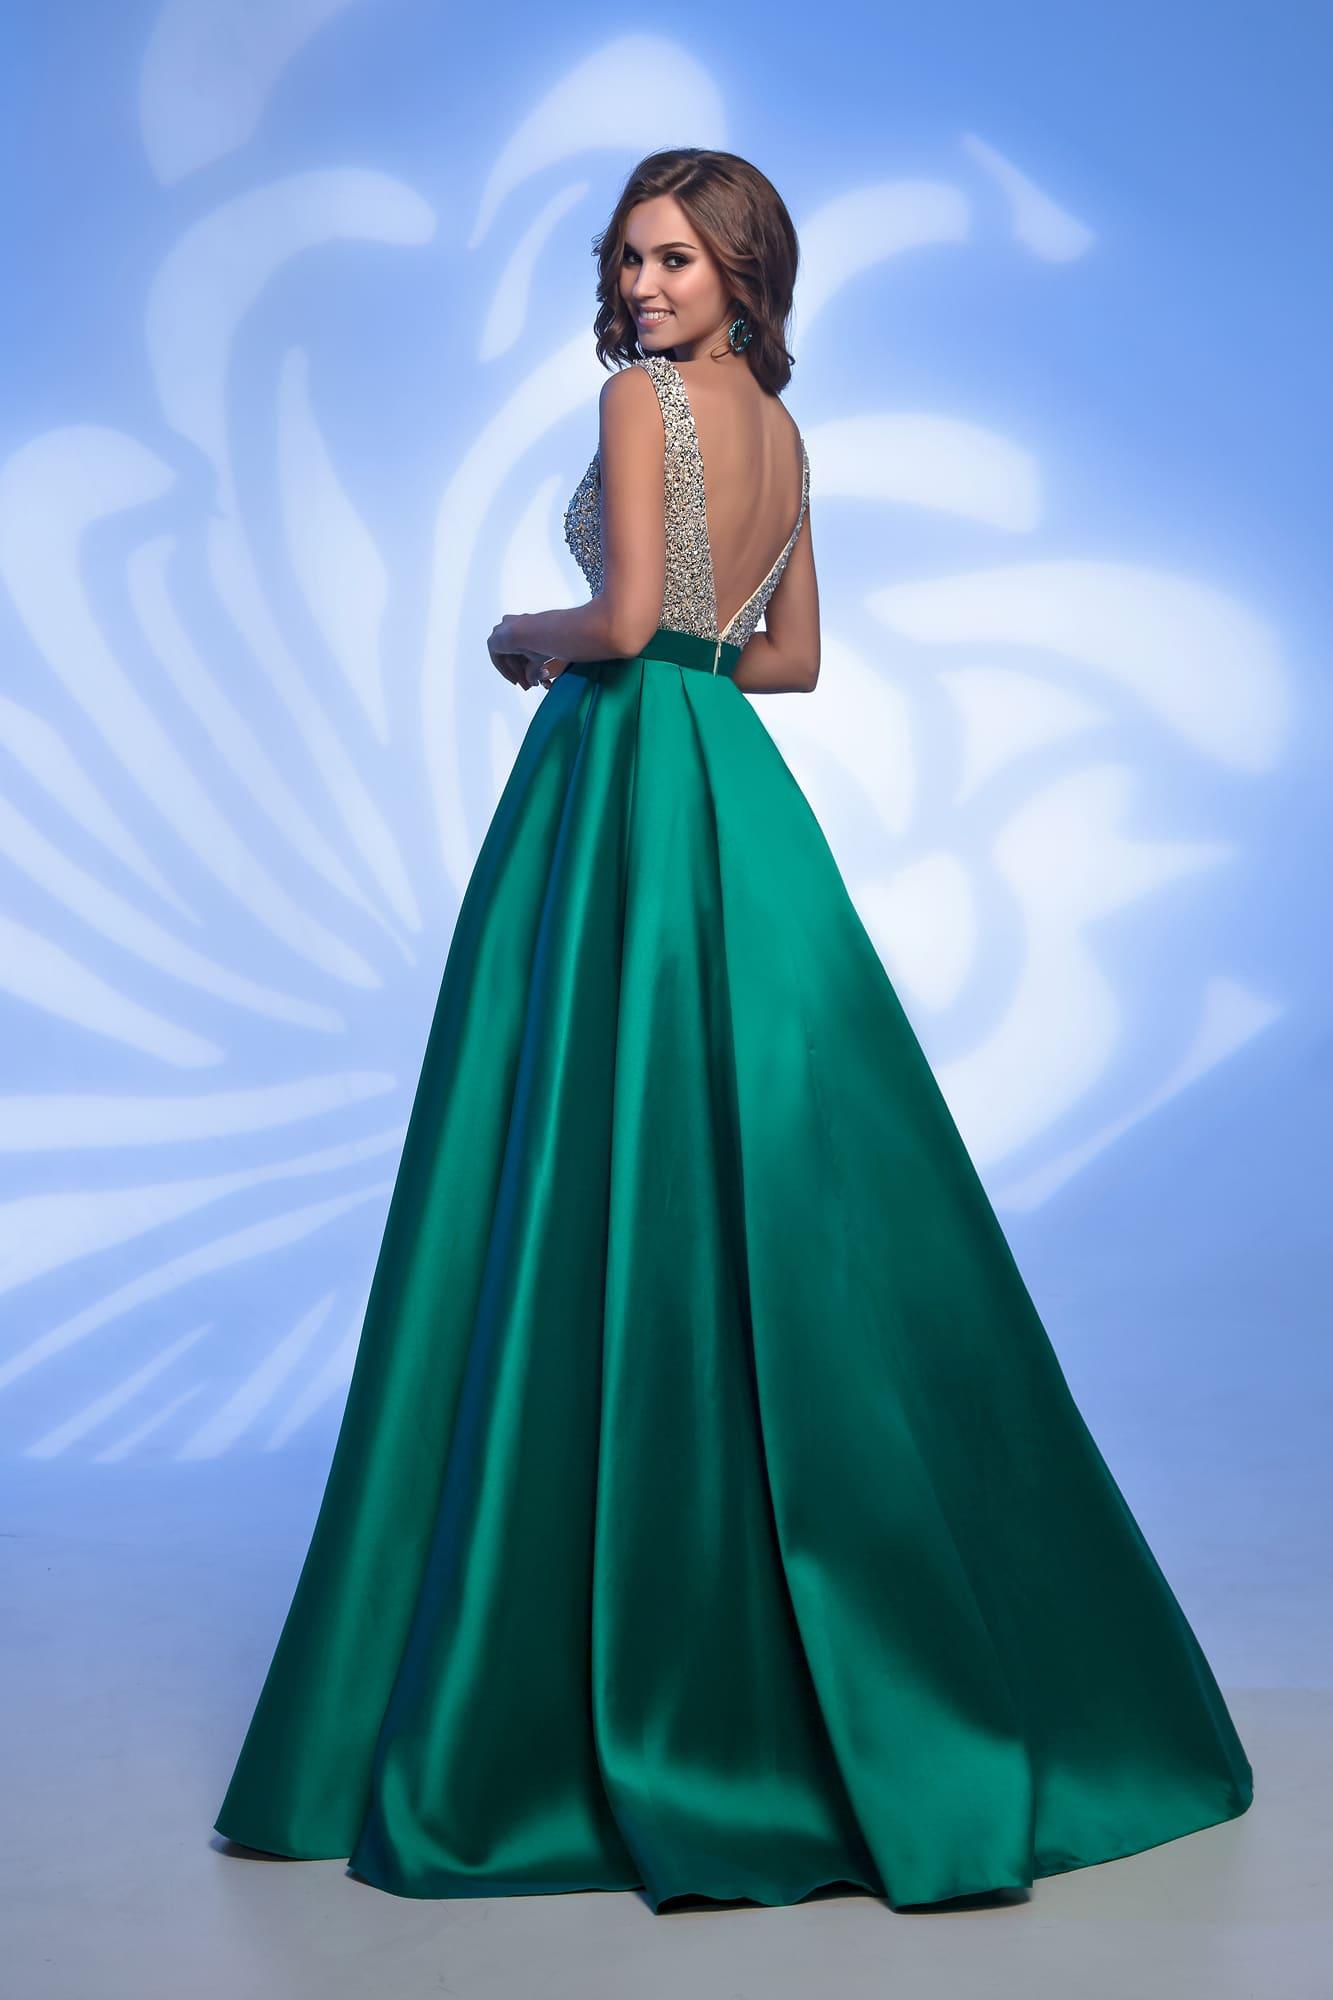 1b48e82db37b54c /shop/32382-blue/ /shop/32382-grey/. Nora Naviano Imressive / 32382 green.  Очаровательный изумрудный оттенок длинной воздушной юбки делает вечернее  платье ...